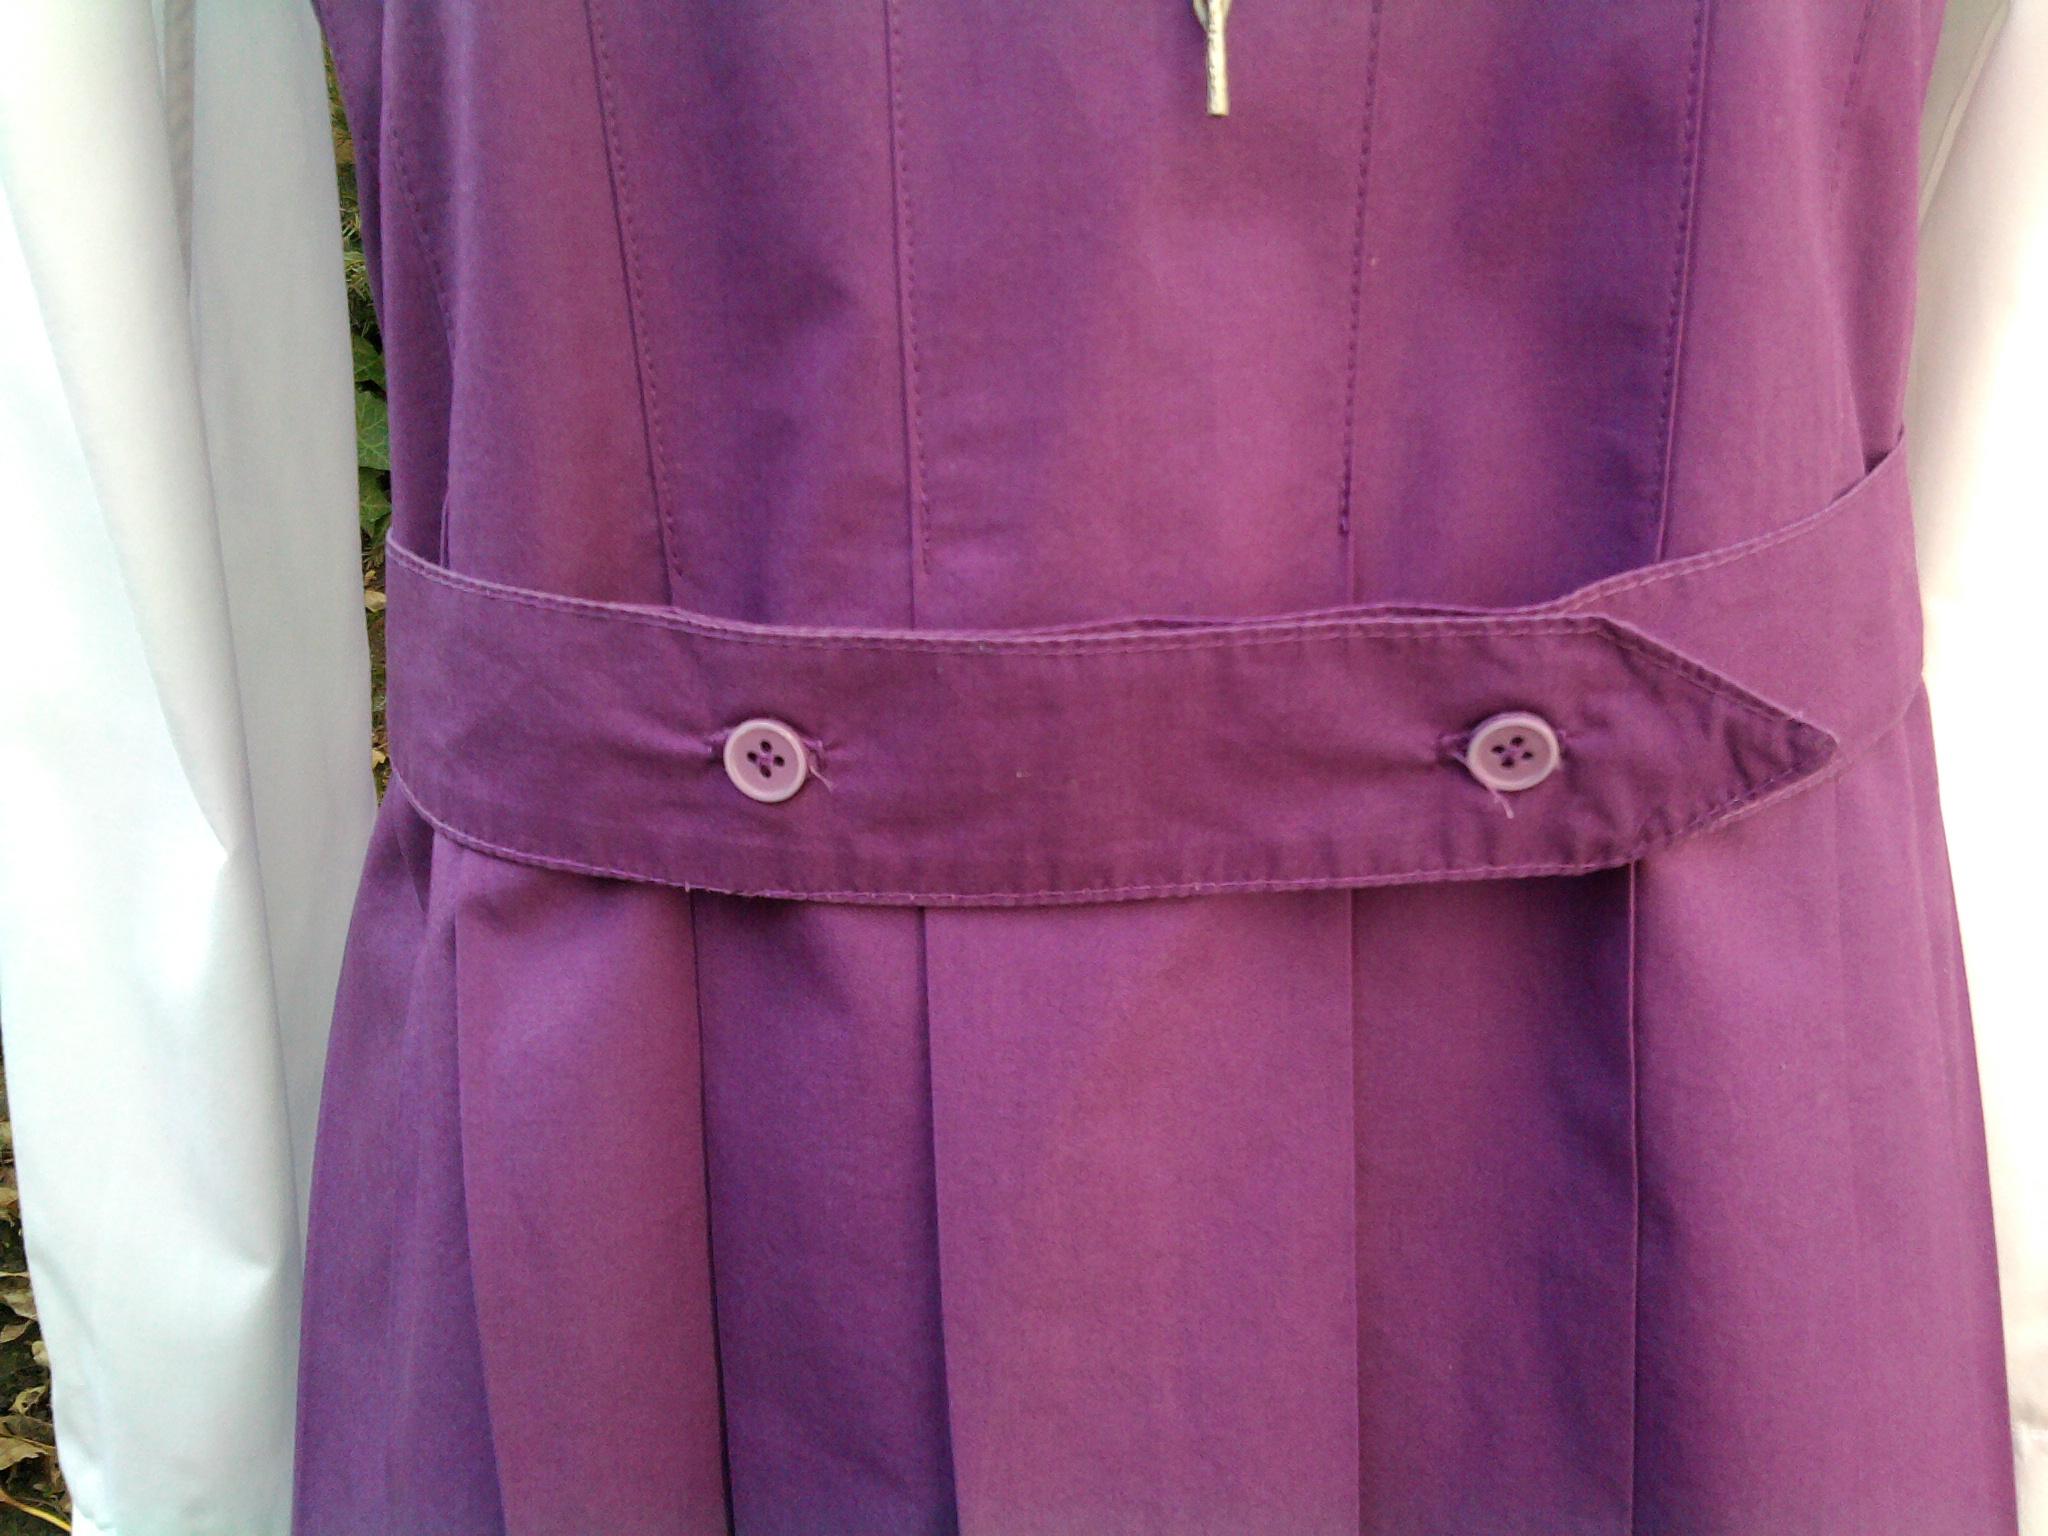 Schulmädchenuniform, Detail Gürtel